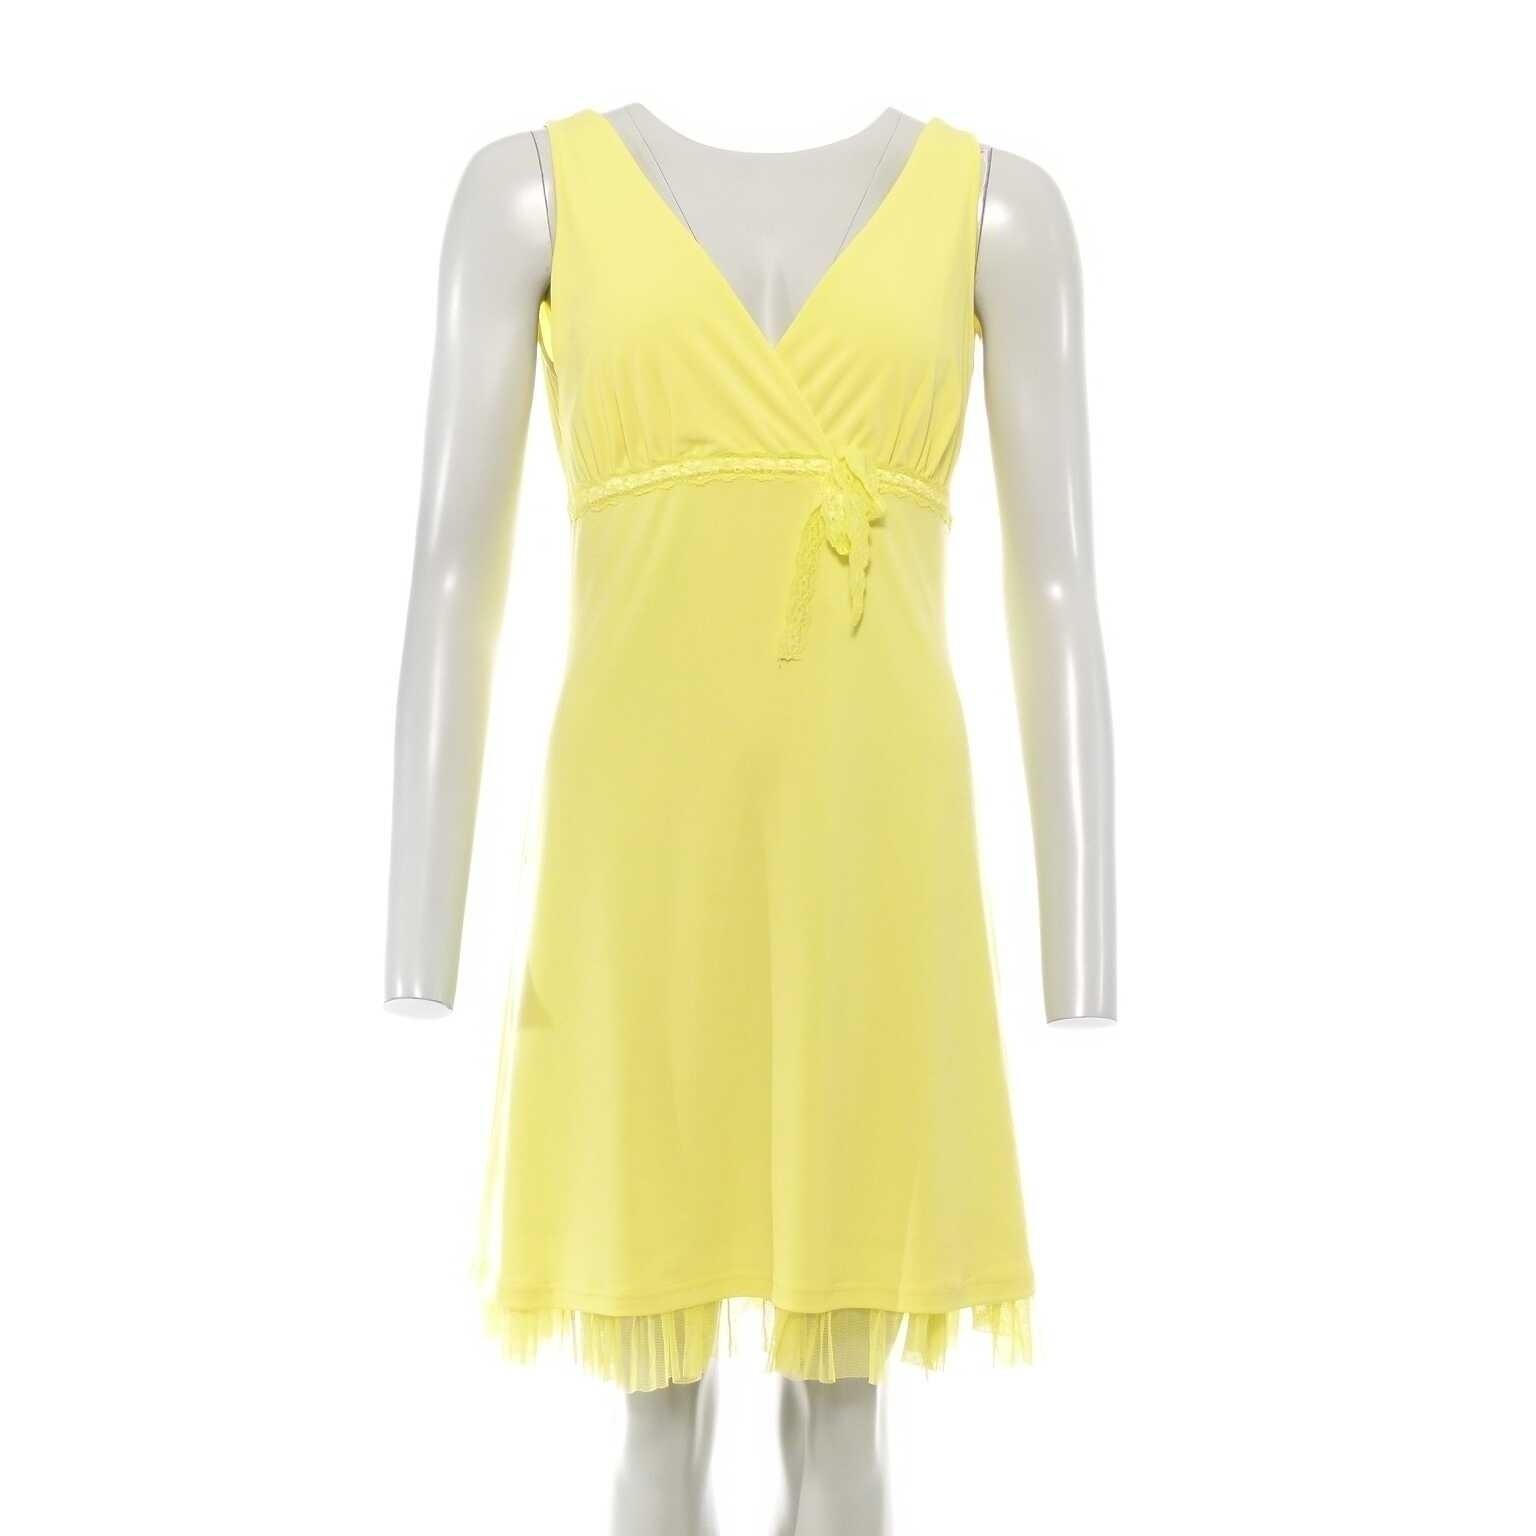 10 Schön Kleid Gelb Design17 Leicht Kleid Gelb Ärmel